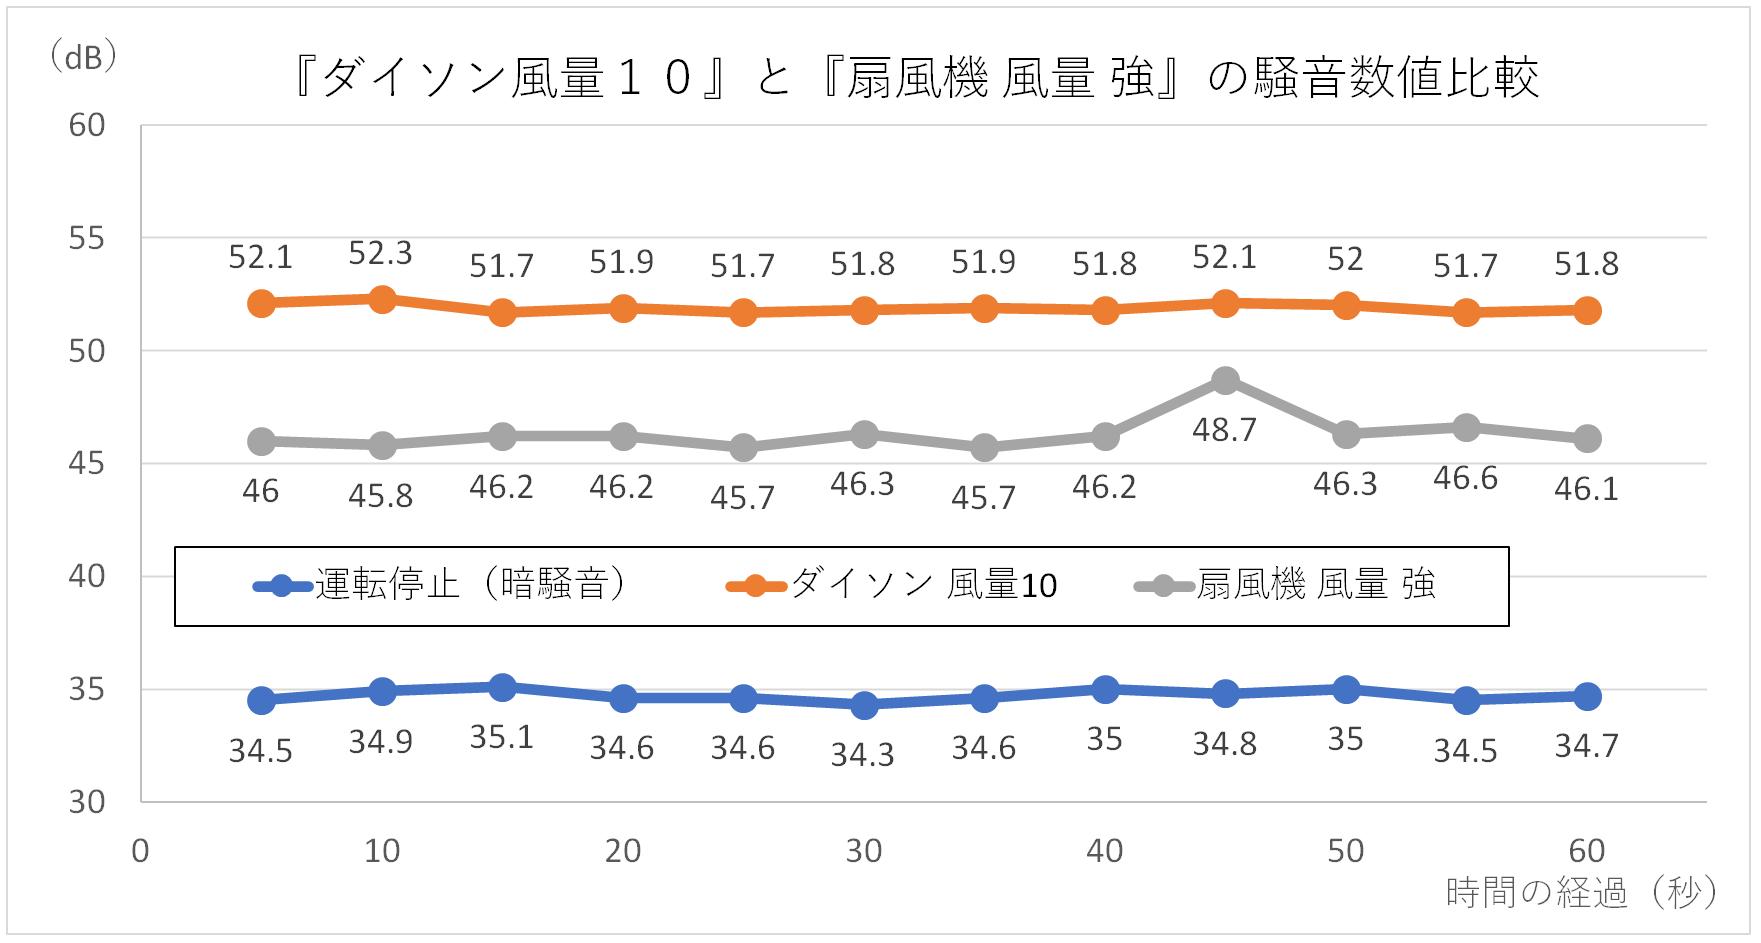 『ダイソン風量10』と『扇風機 風量 強』の騒音数値比較グラフ